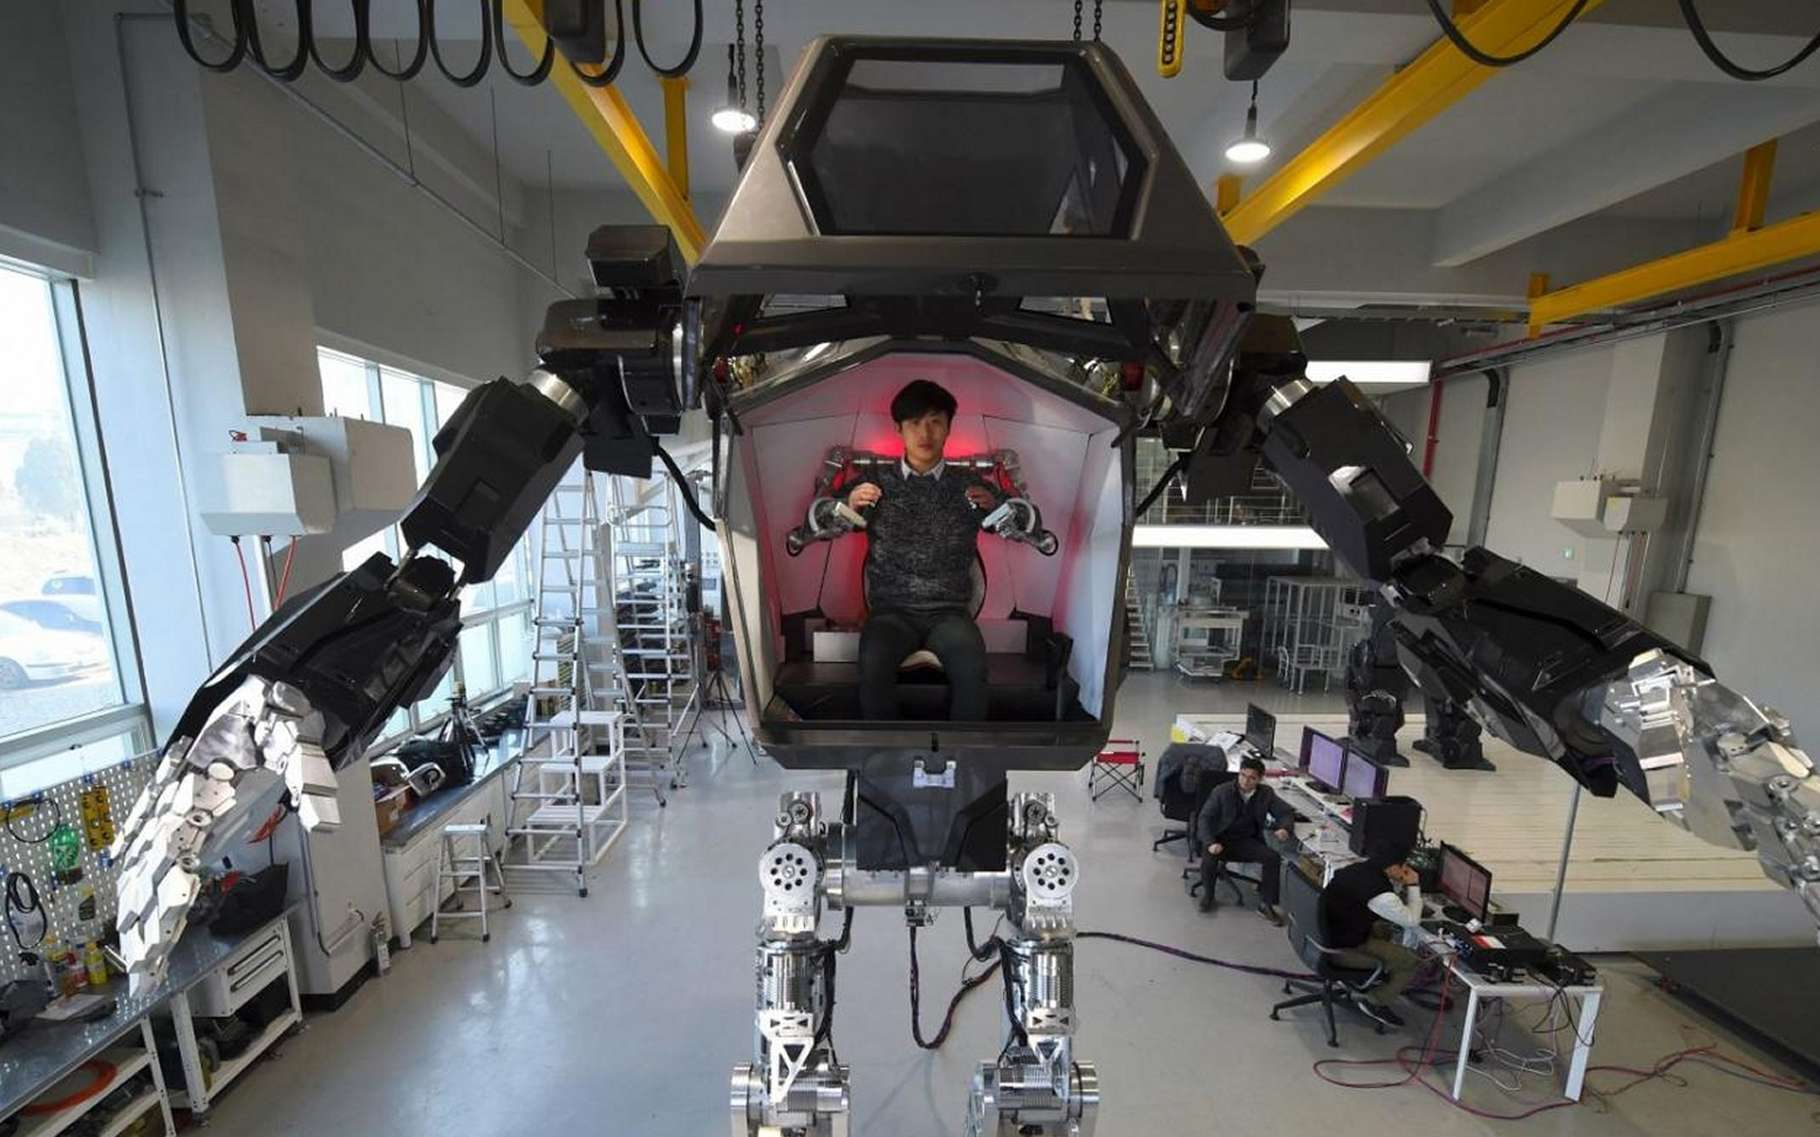 Cet engin bipède, à l'état de prototype, est en fait une conduite intérieure, une sorte d'exosquelette en somme. © Hankook Mirae Technology